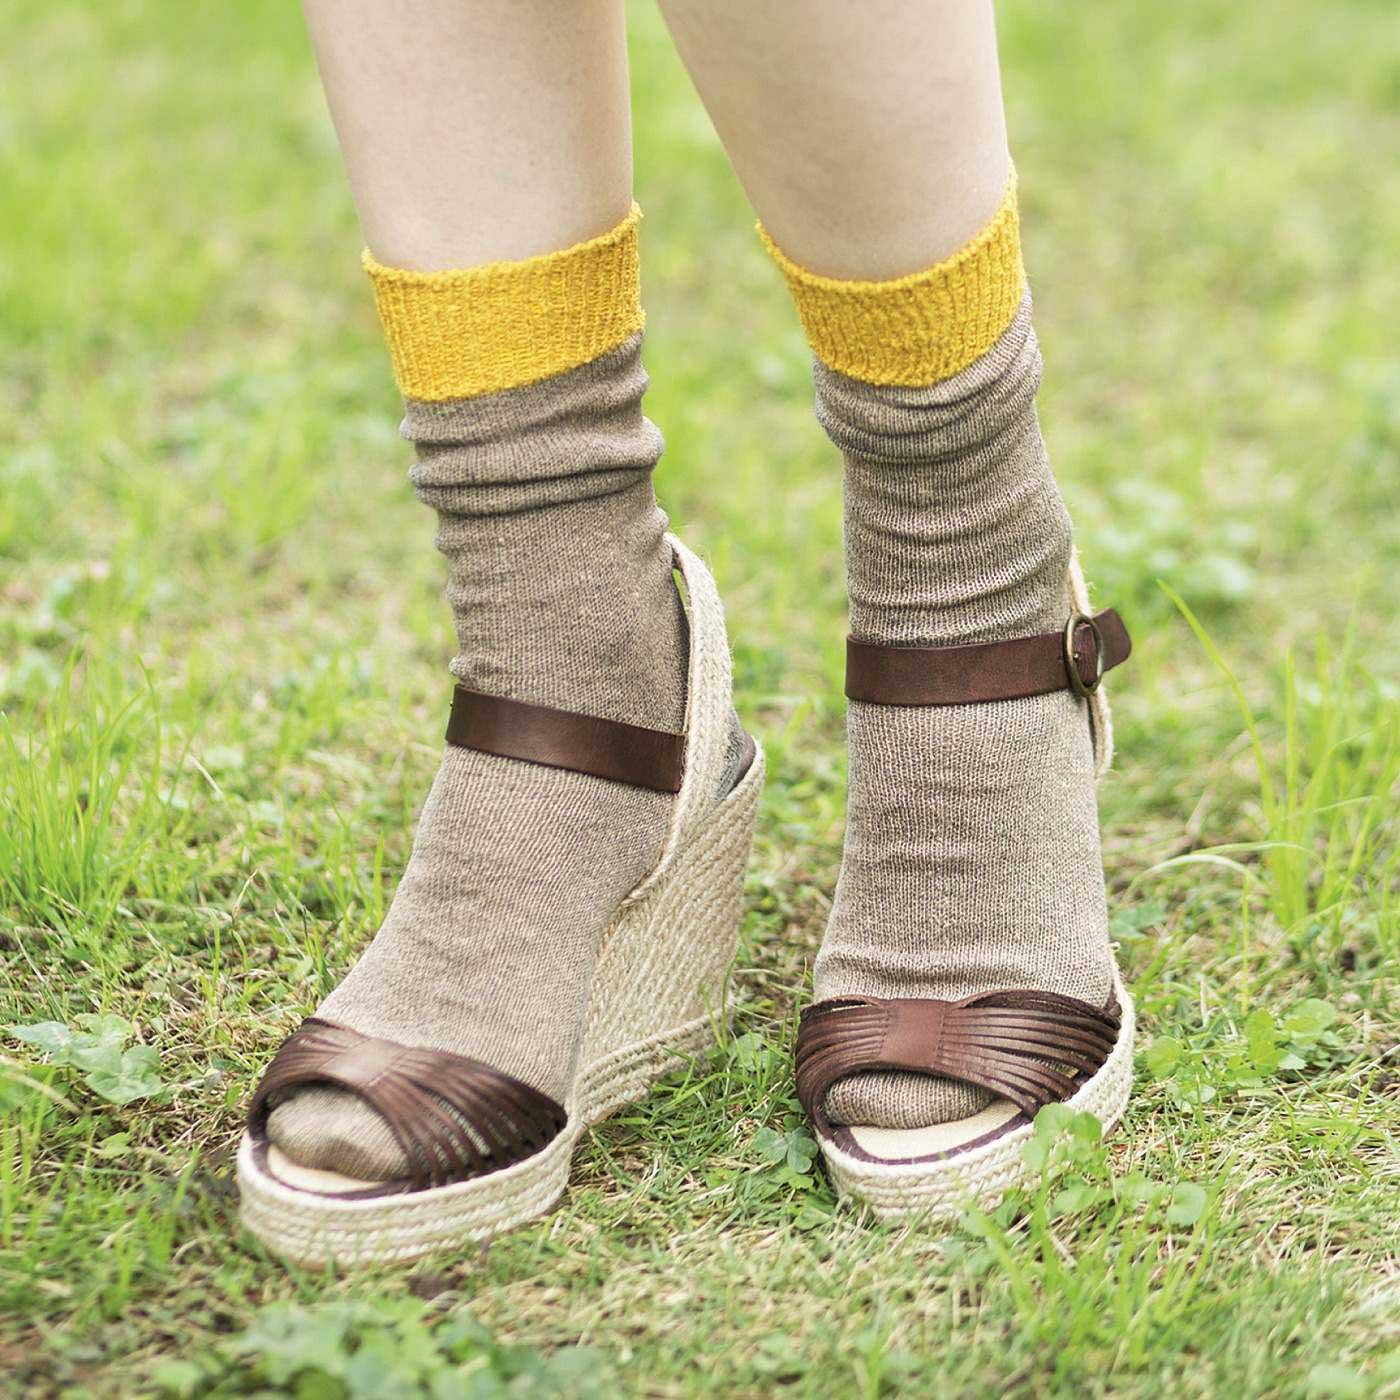 ヒールサンダル 素足だと足裏がべたつきがちなサンダルもさらさら快適に。くしゅっとさせてこなれ感を楽しんで。